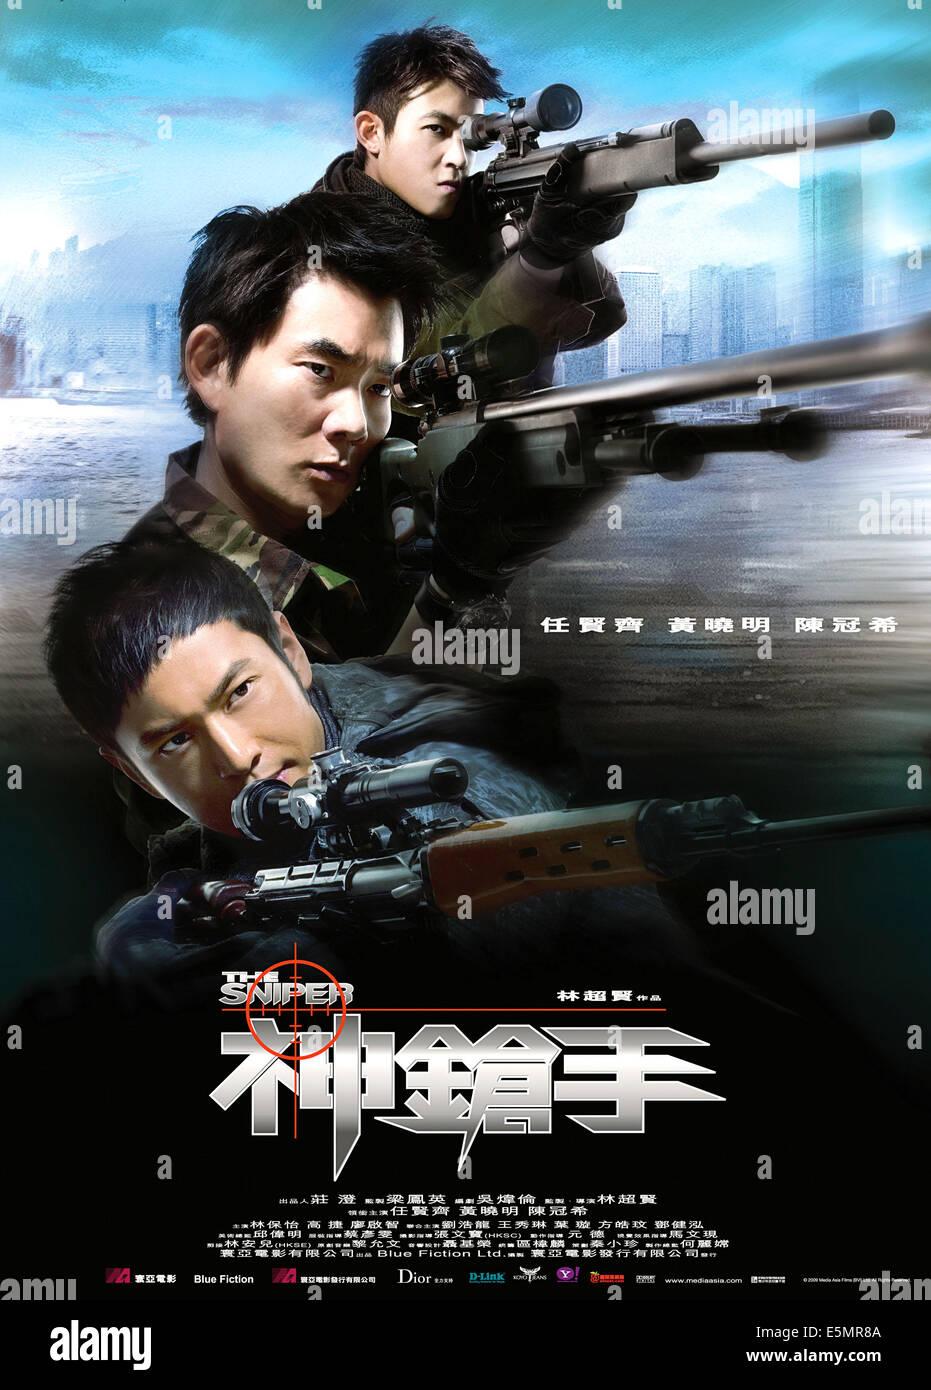 THE SNIPER, (aka SUN CHEUNG SAU, aka GODLY GUNSLINGERS), from top: Edison CHEN, Richie REN, HUANG Xiaoming, 2009. - Stock Image